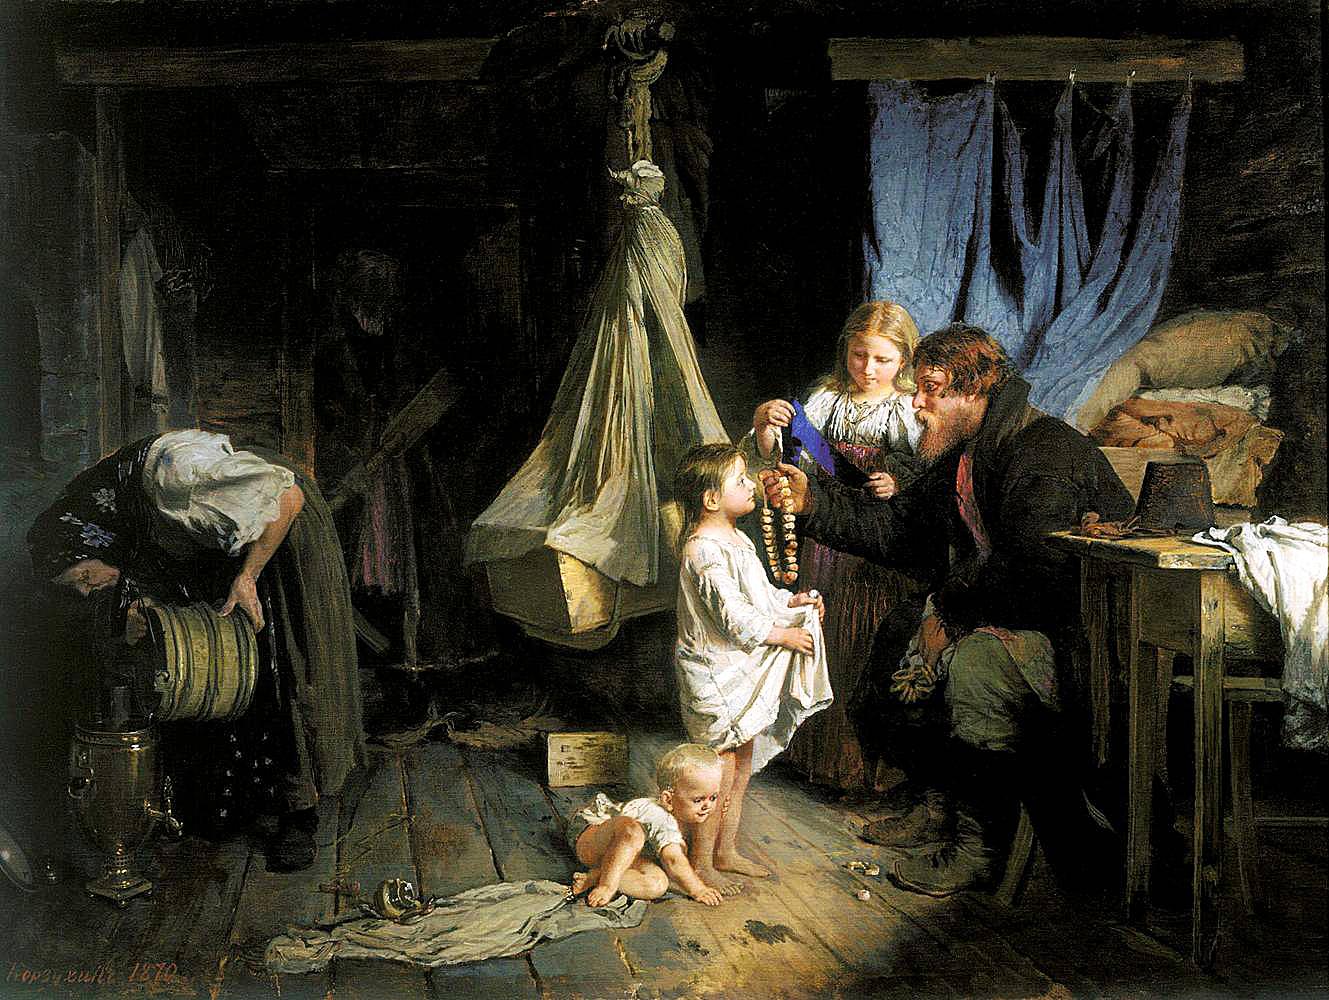 Алексей Корзухин. Возвращение из города. 1870